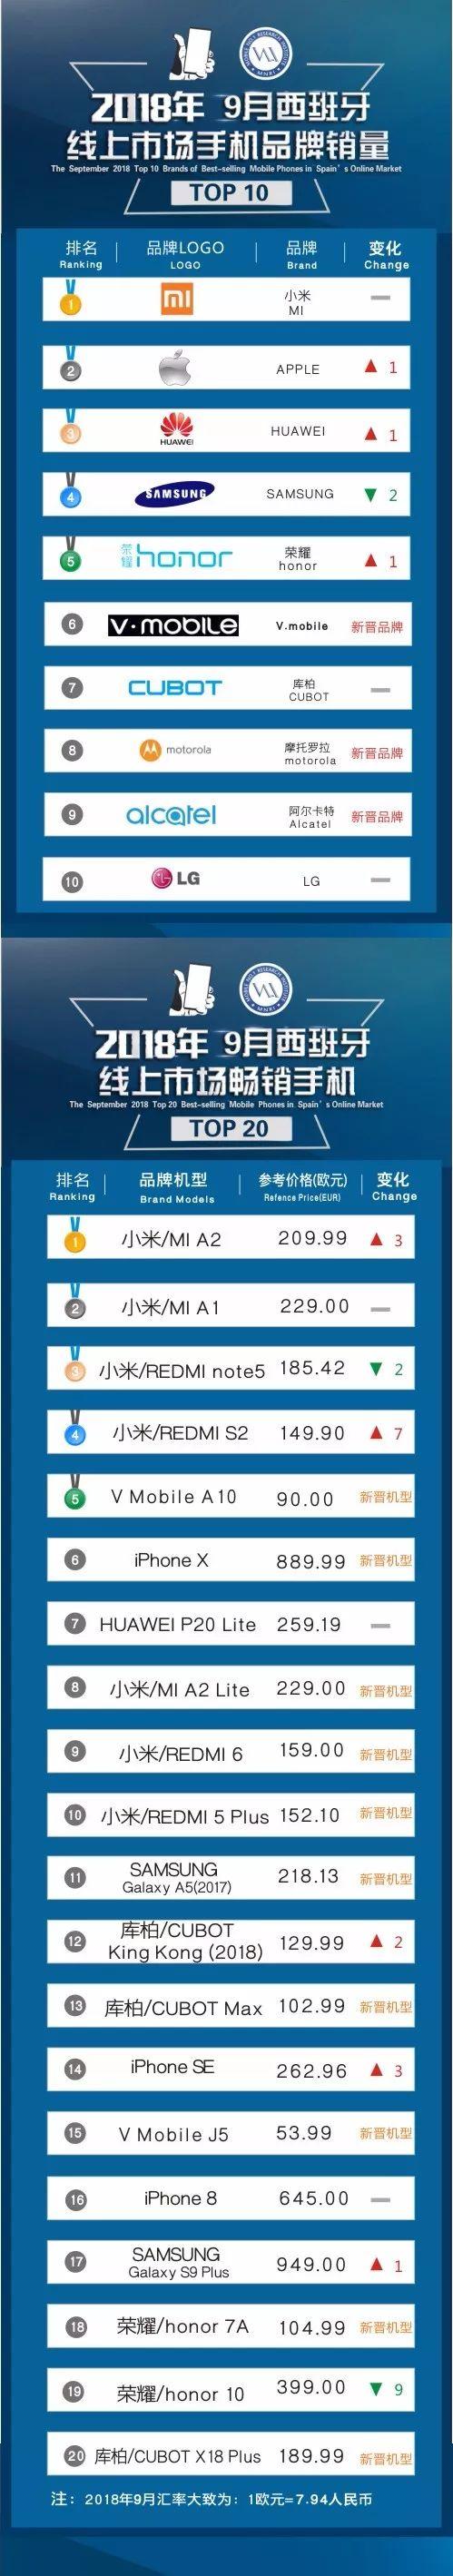 2018年9月西班牙线上市场手机品牌销量TOP10